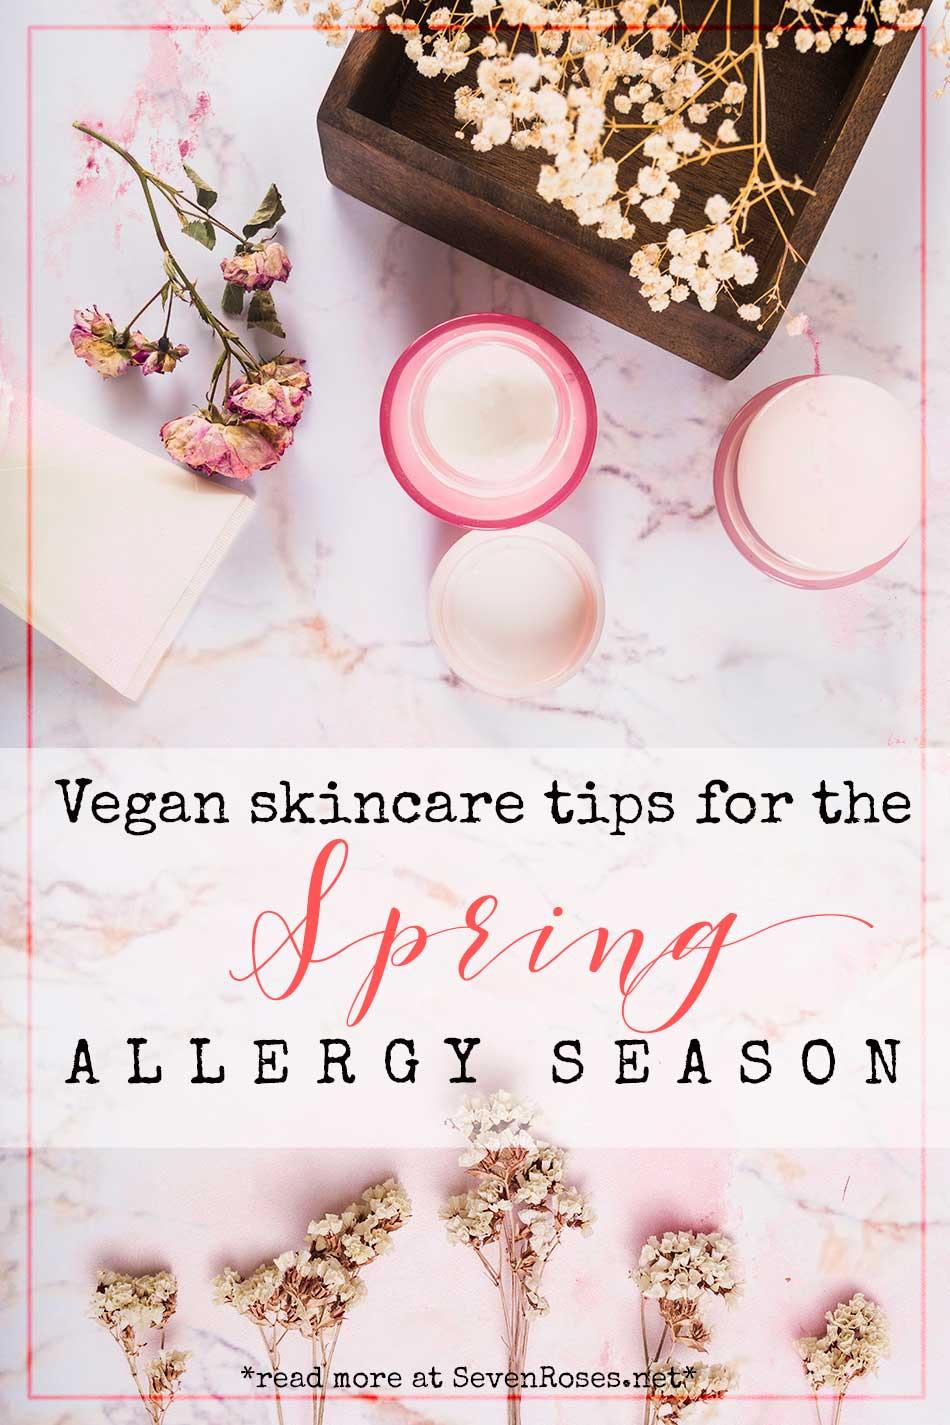 Vegan skincare tips for the Spring allergy season